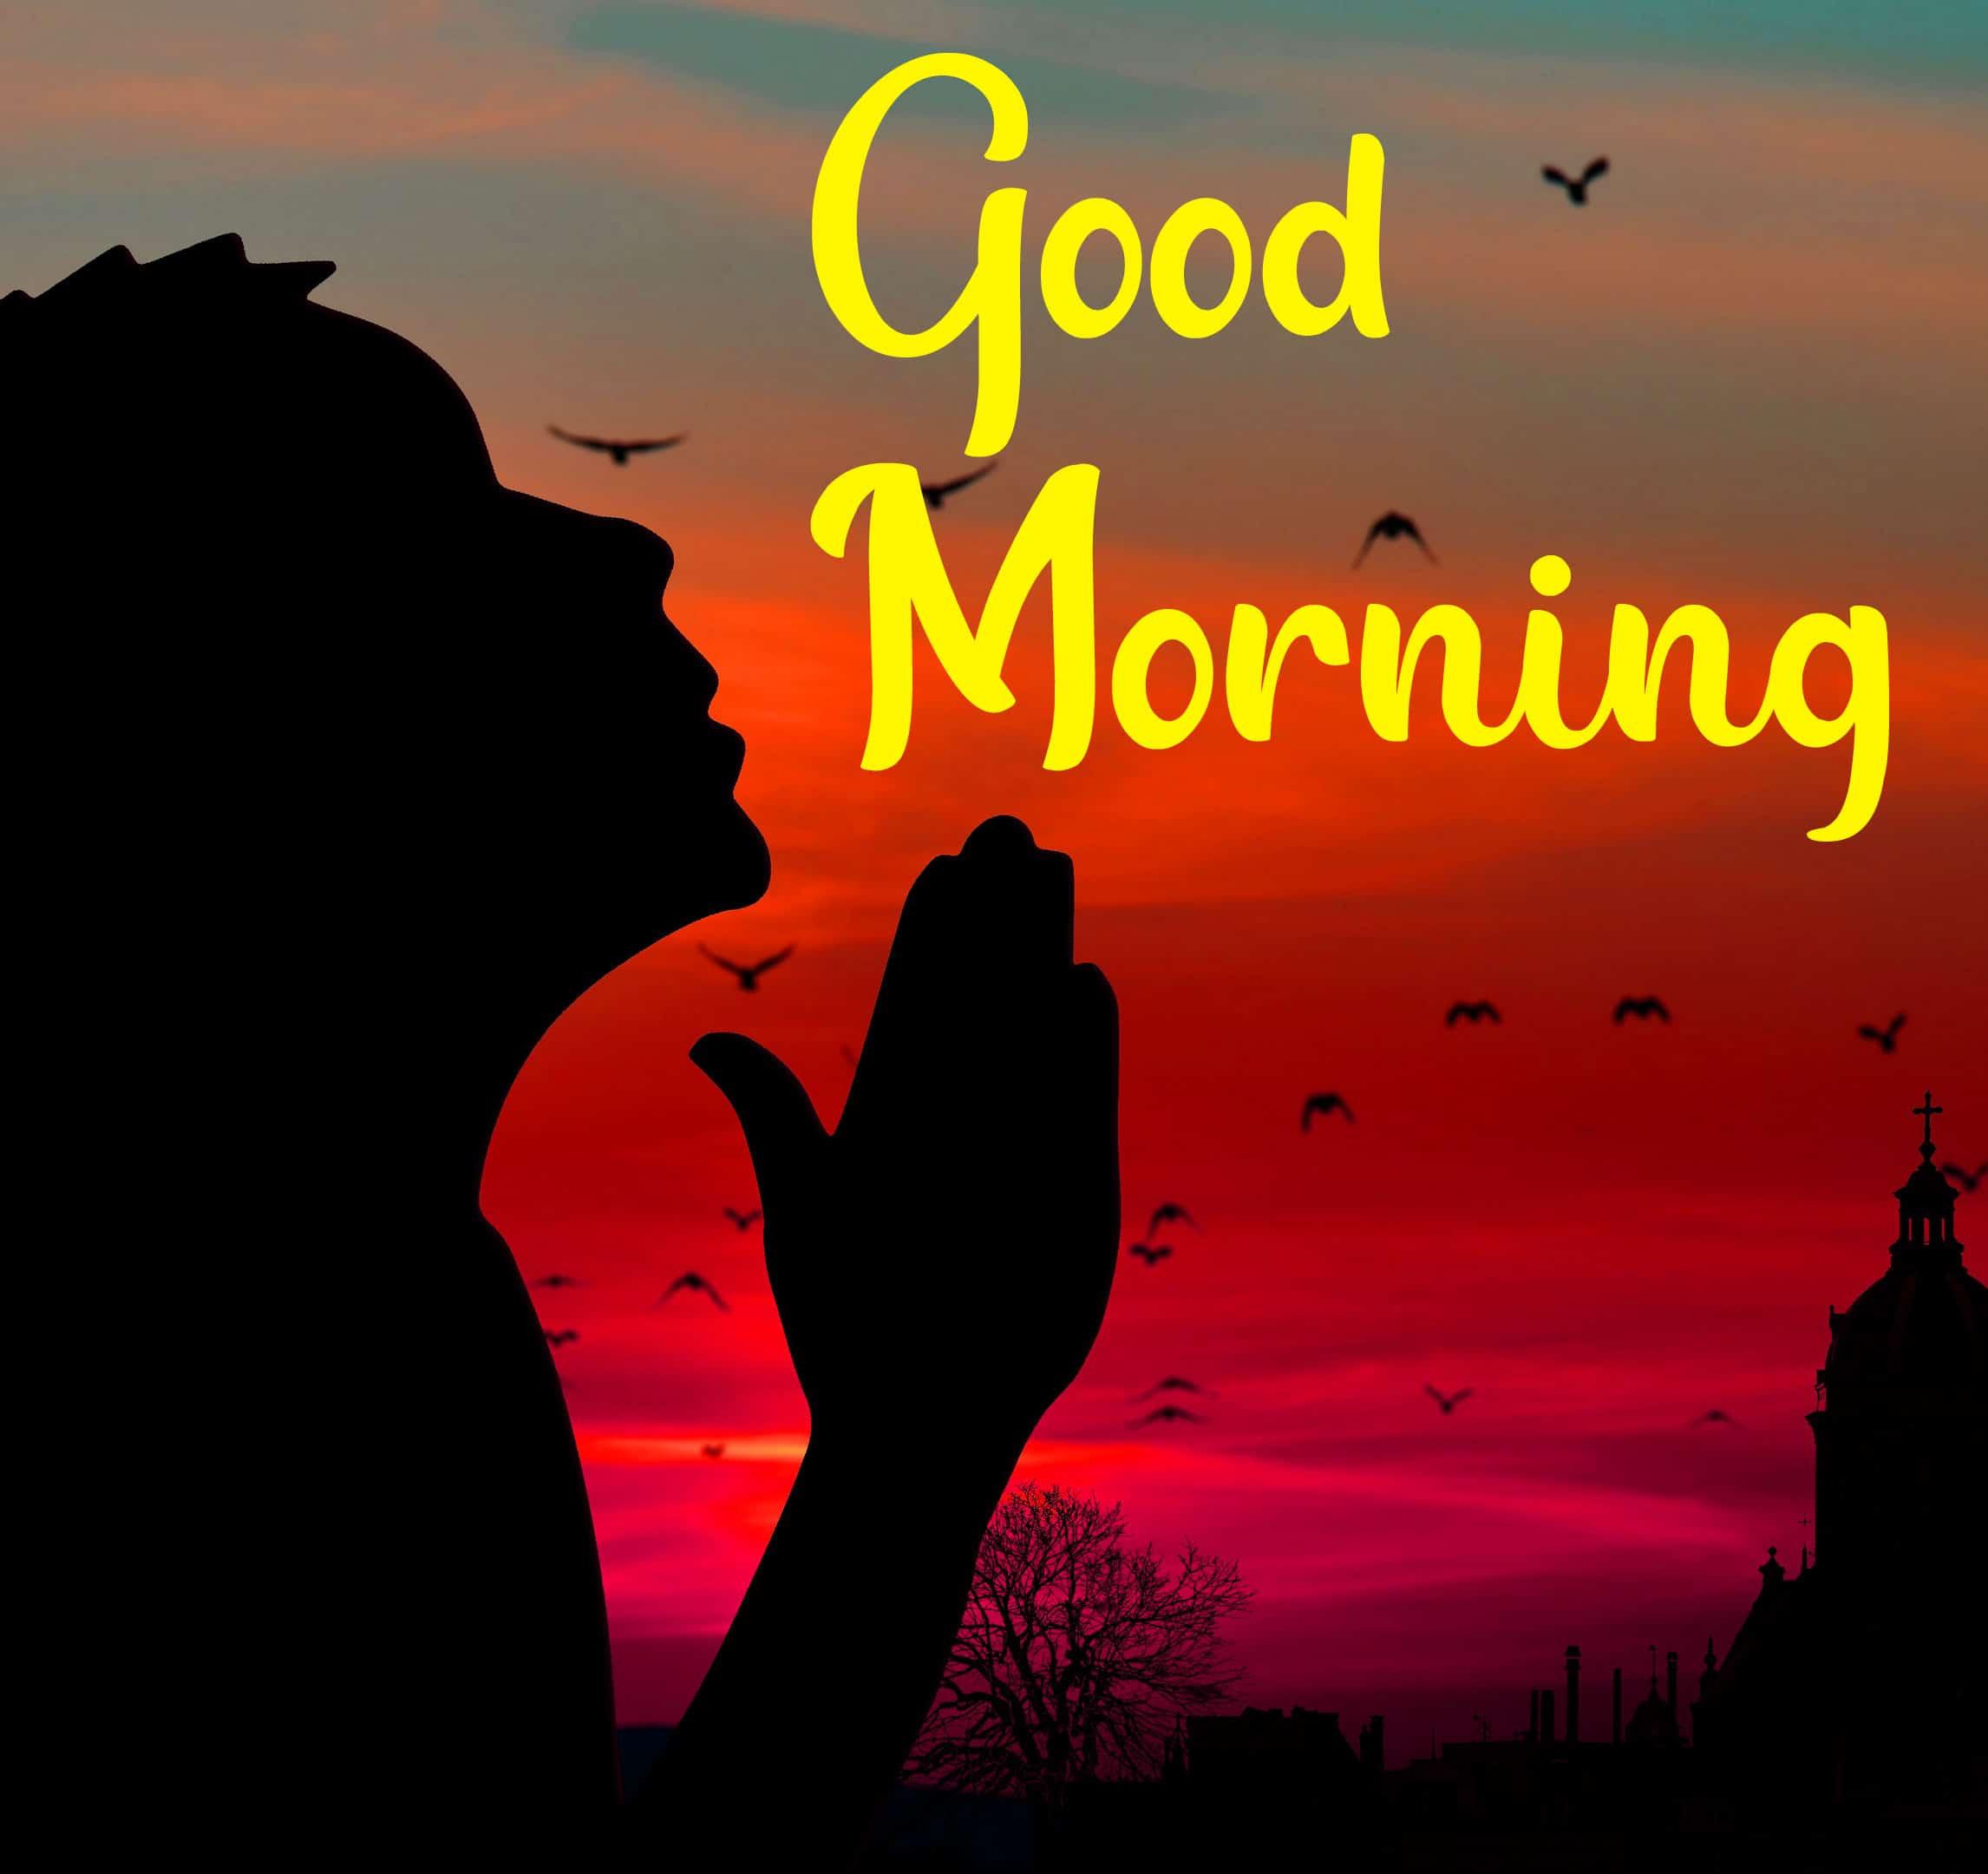 Jesus Pray Good Morning Images 17